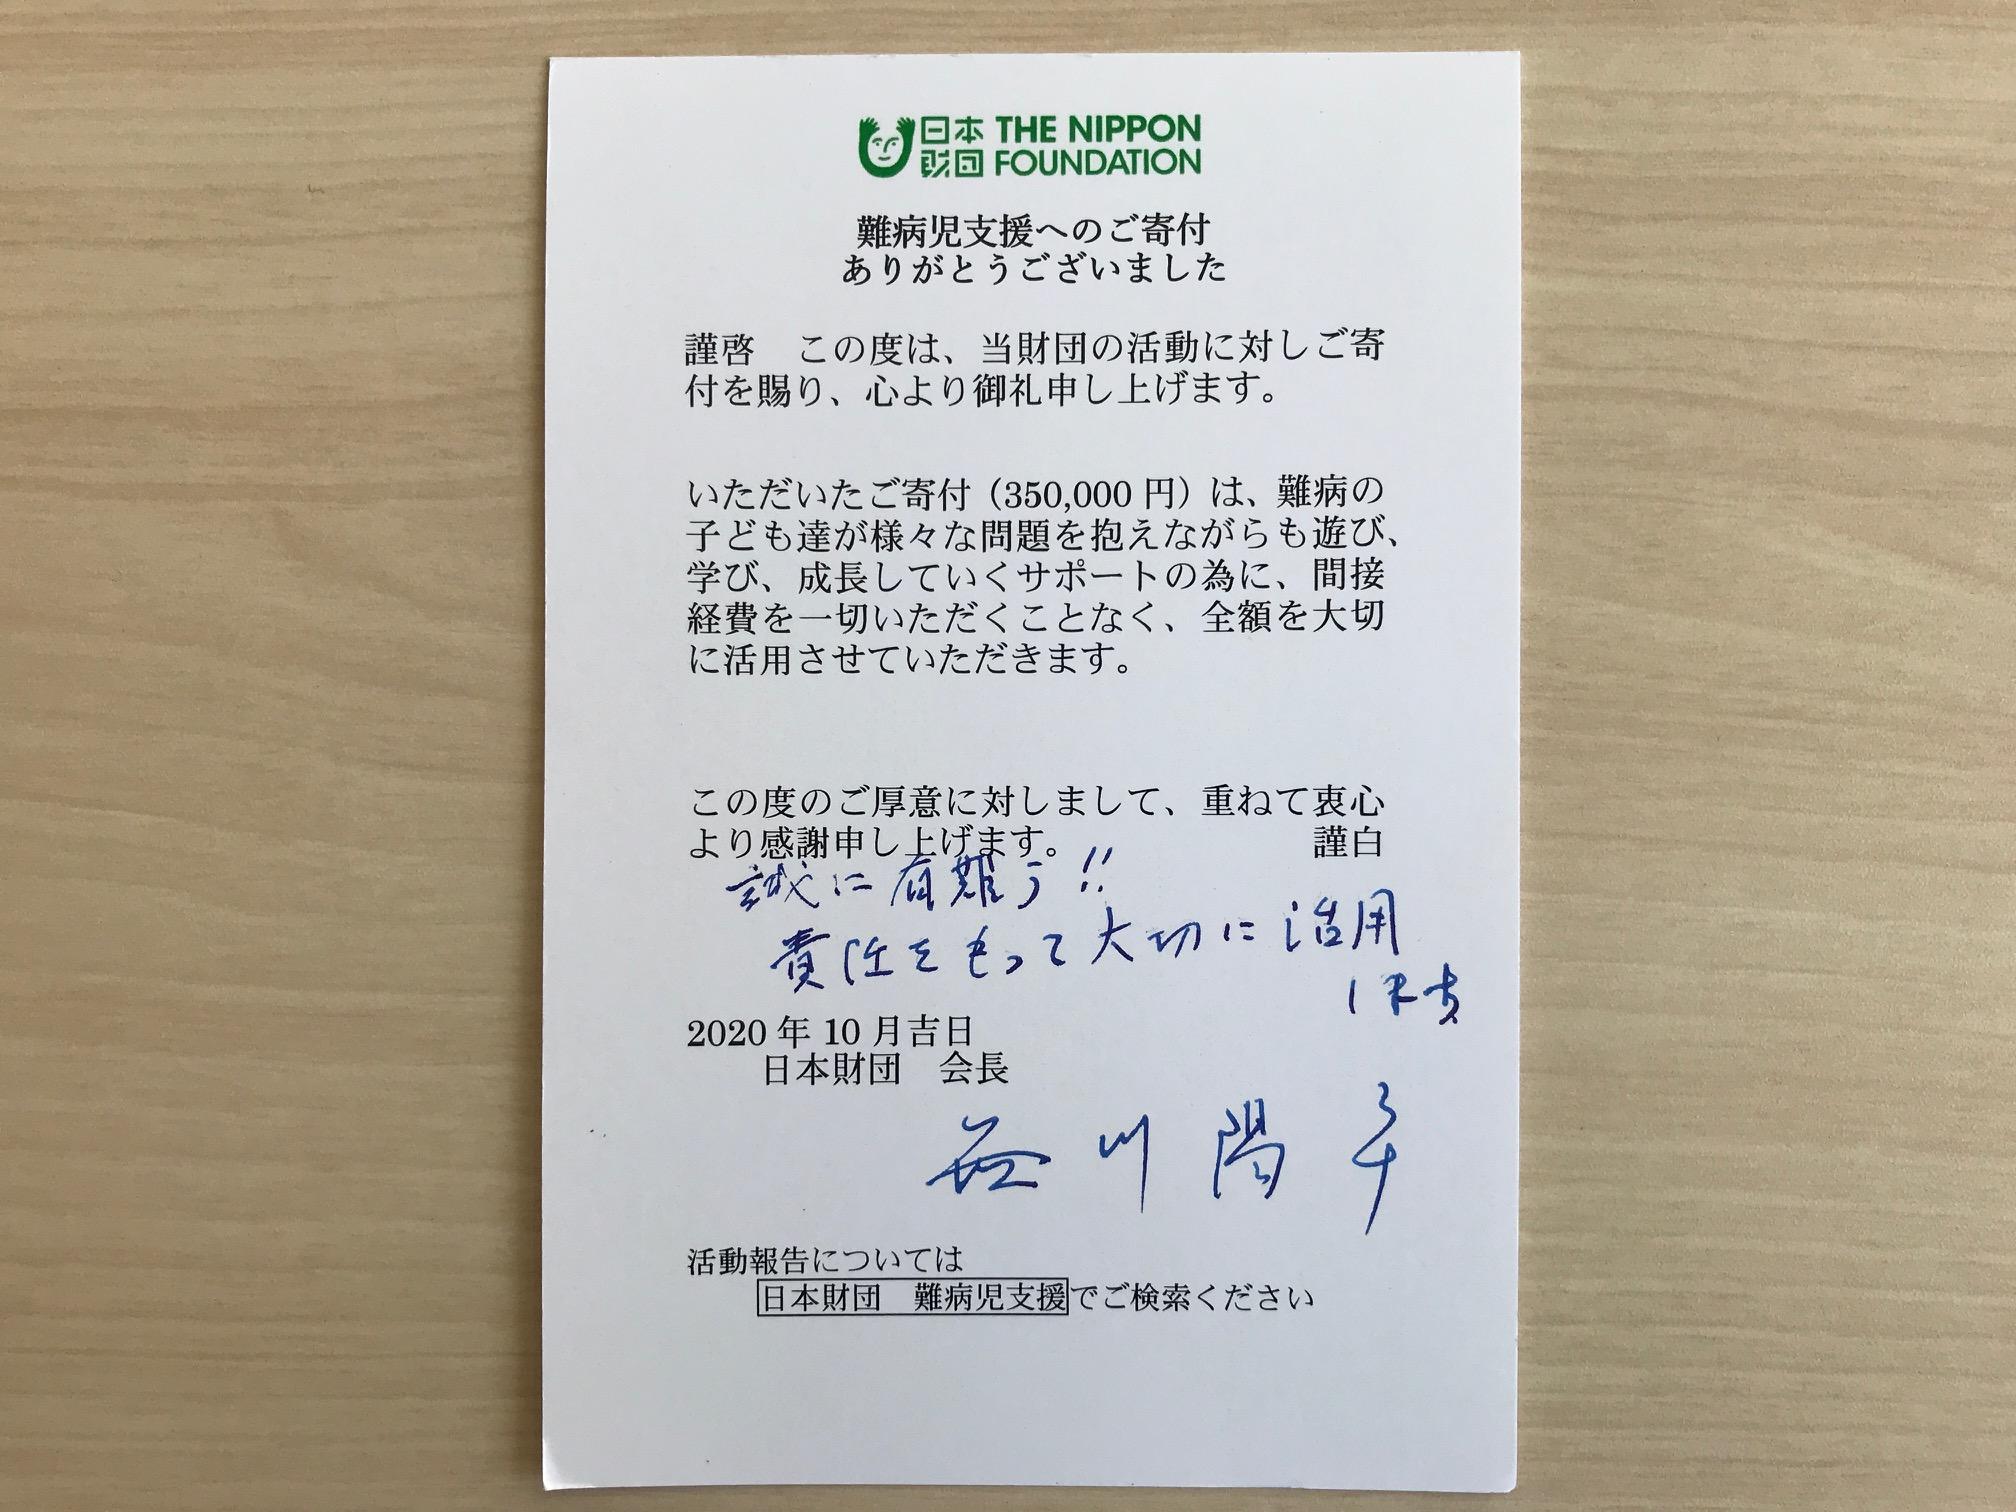 日本財団からのお礼状